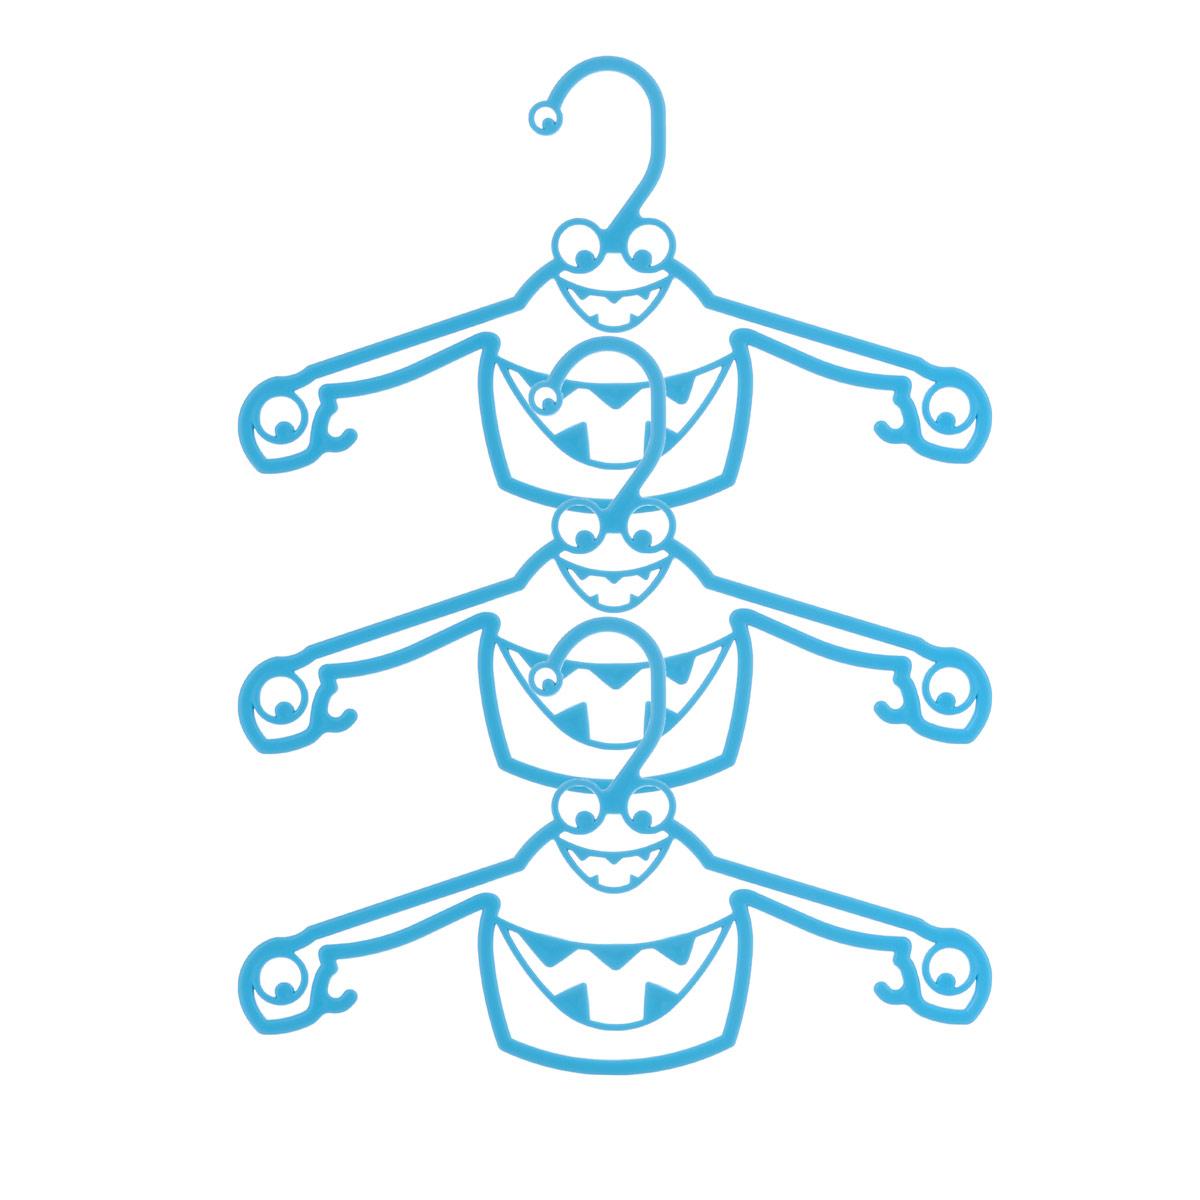 Набор вешалок Пластишка, с крючками, цвет: бирюзовый, 3 штRG-D31SНабор Пластишка, изготовленный из прочного полипропилена, состоит из 3 детских вешалок для одежды с закругленными плечиками. Изделия оснащены крючками. Вешалка - это незаменимая вещь для того, чтобы ваша одежда всегда оставалась в хорошем состоянии.Комплектация: 3 шт.